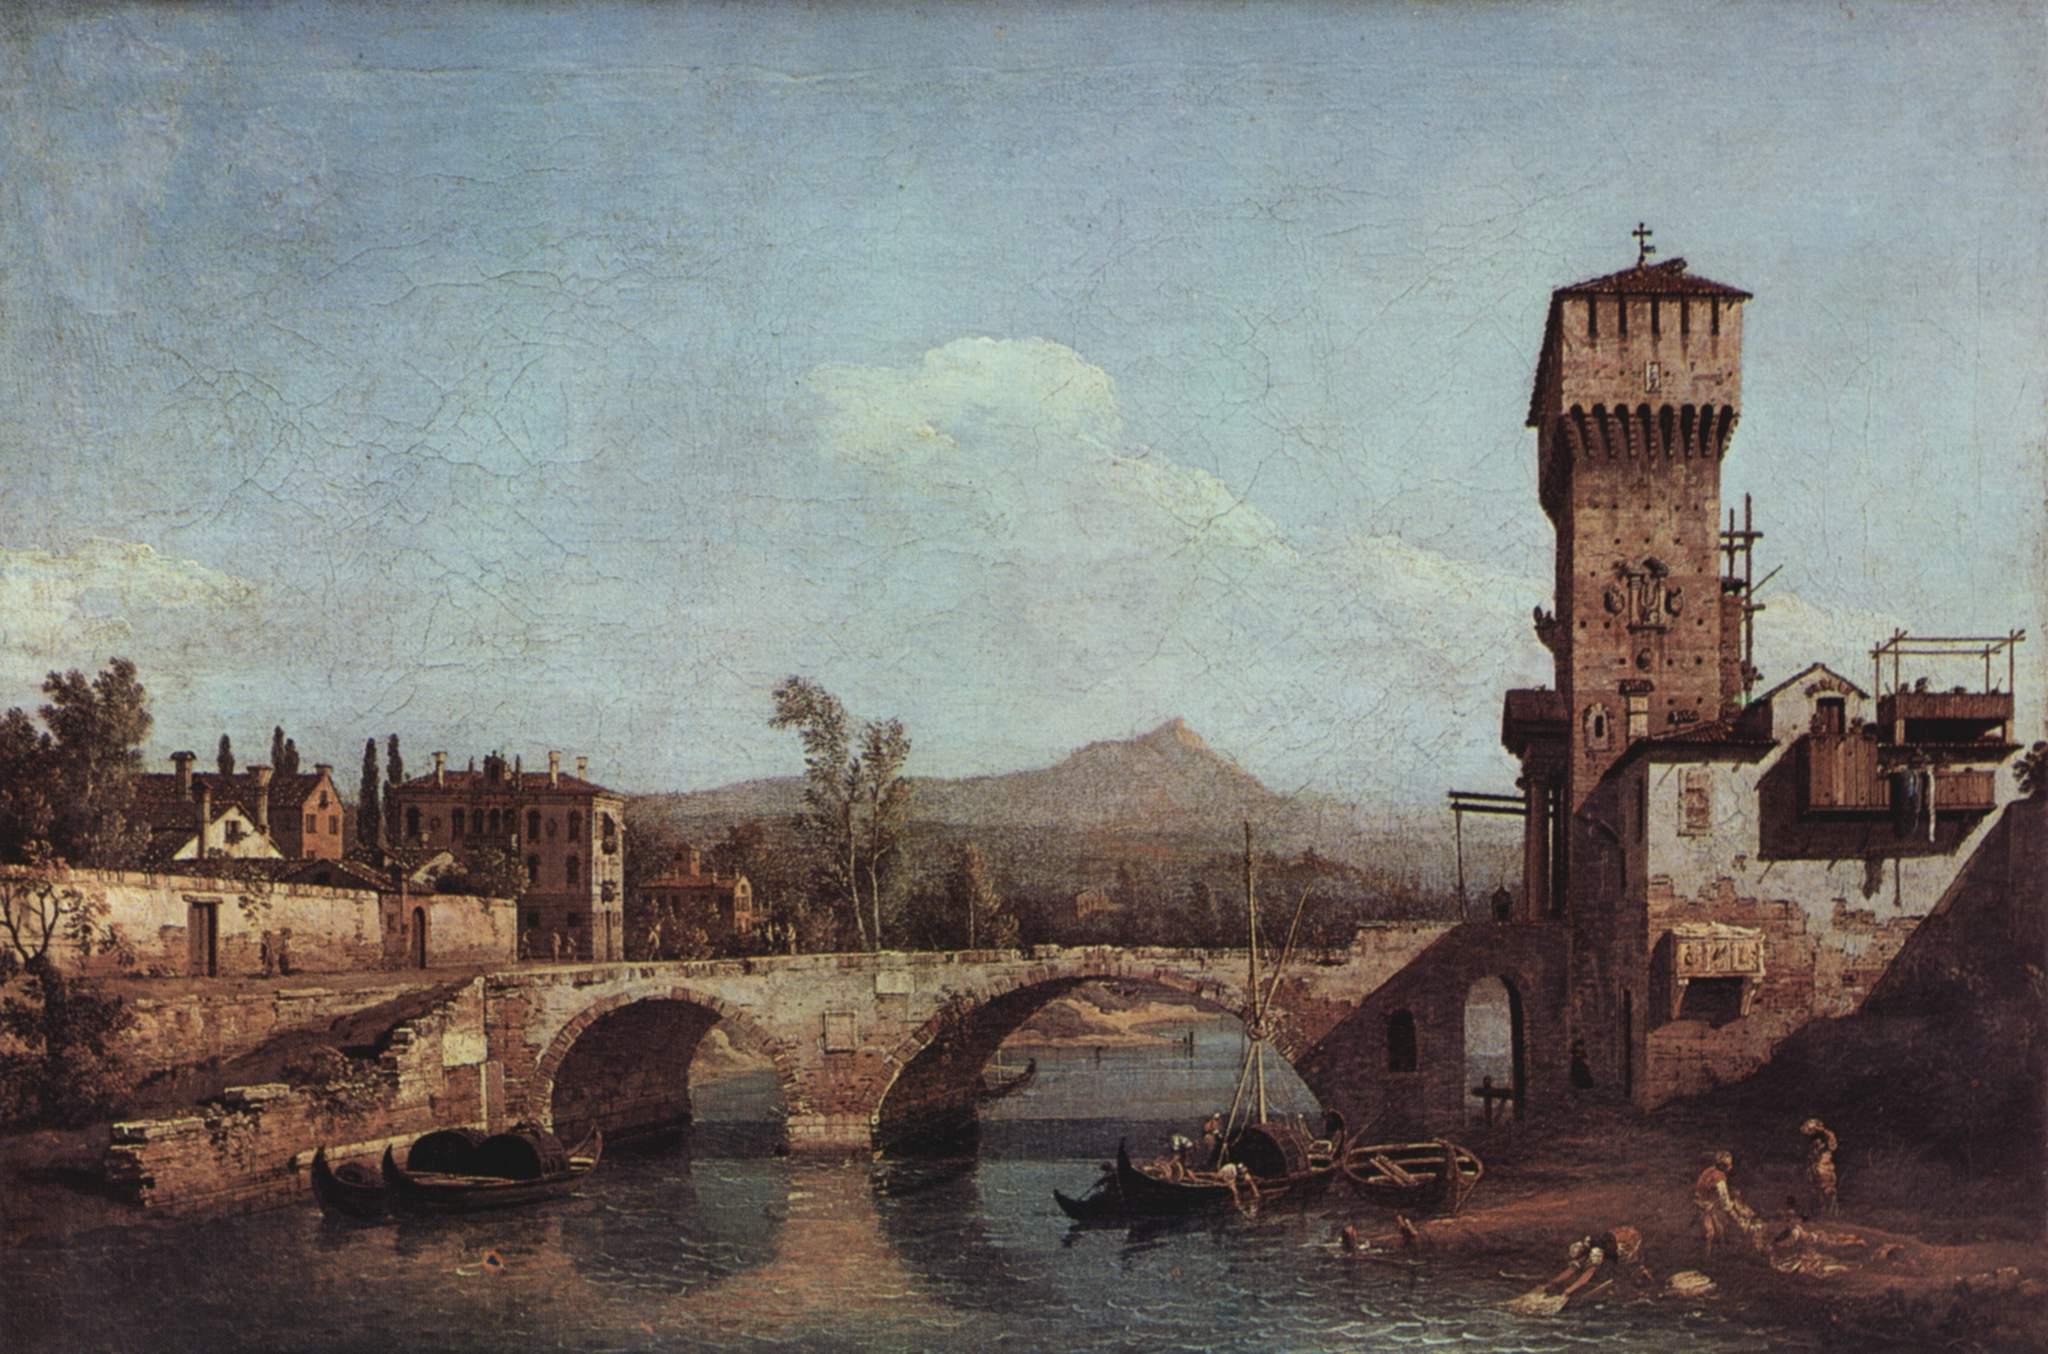 Венецианское каприччио  река, мост и средневековые городские ворота, Джованни Антонио Каналетто 1